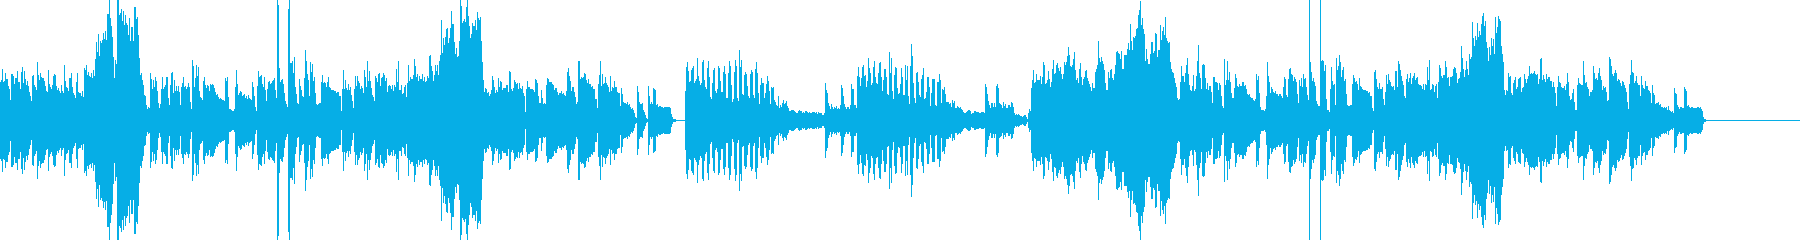 ガジェットCM に似合うそうな曲ですの再生済みの波形